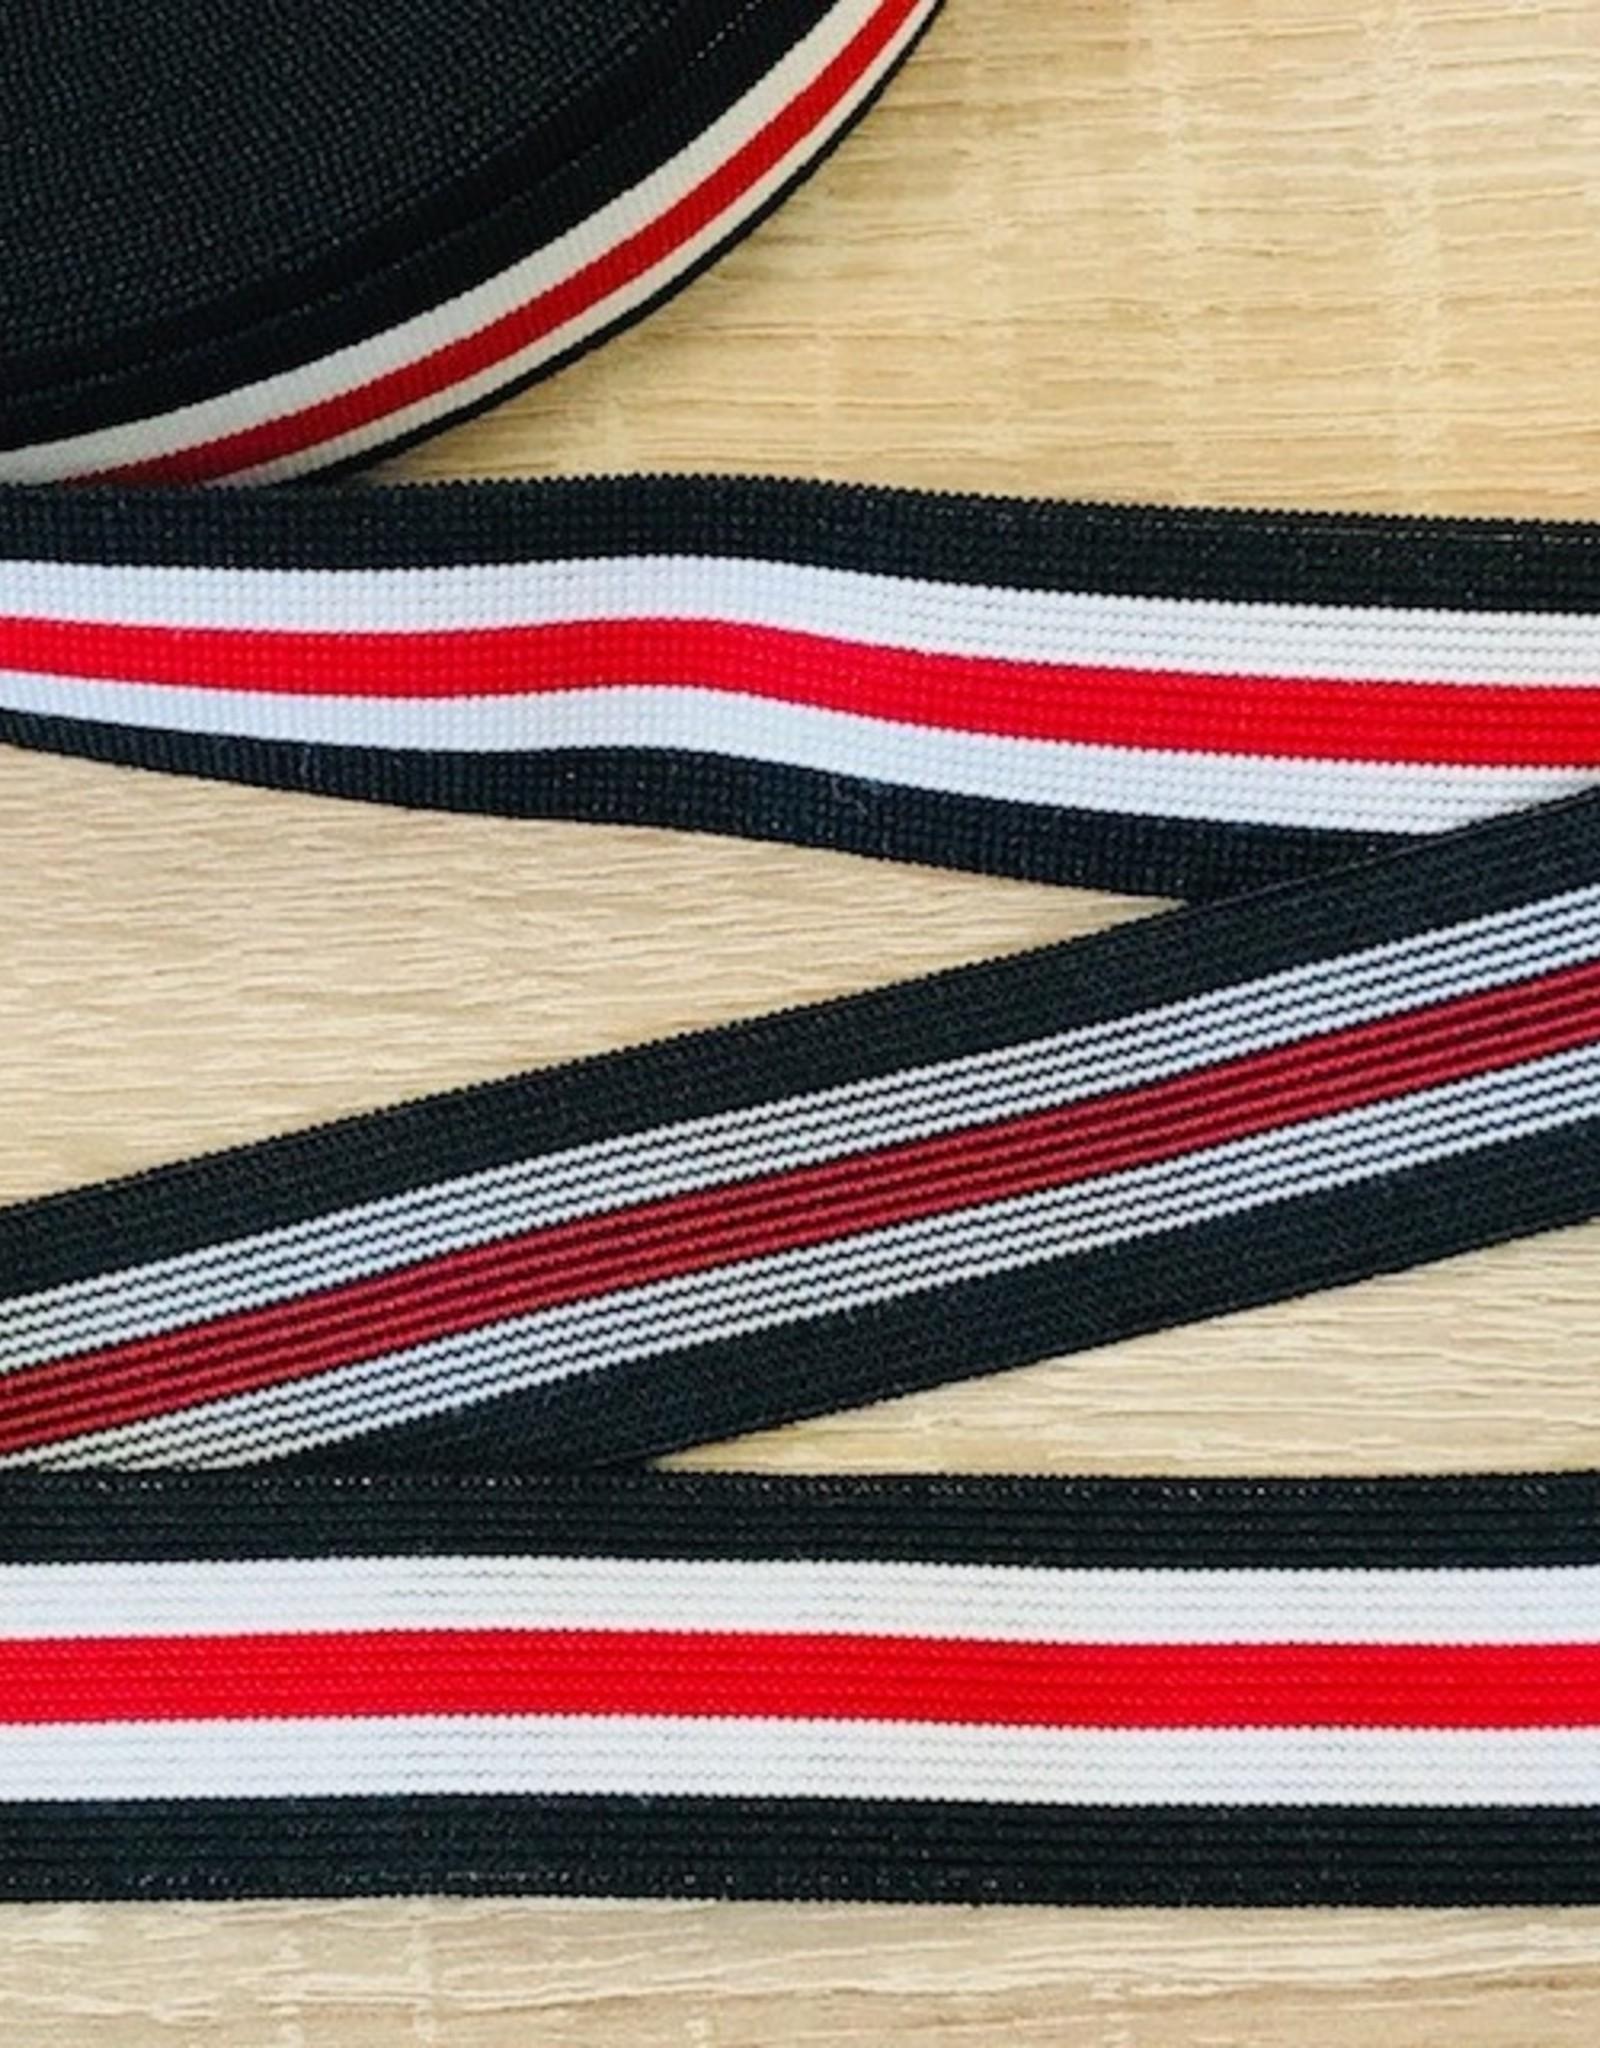 Elastiek 25mm zwart wit rood